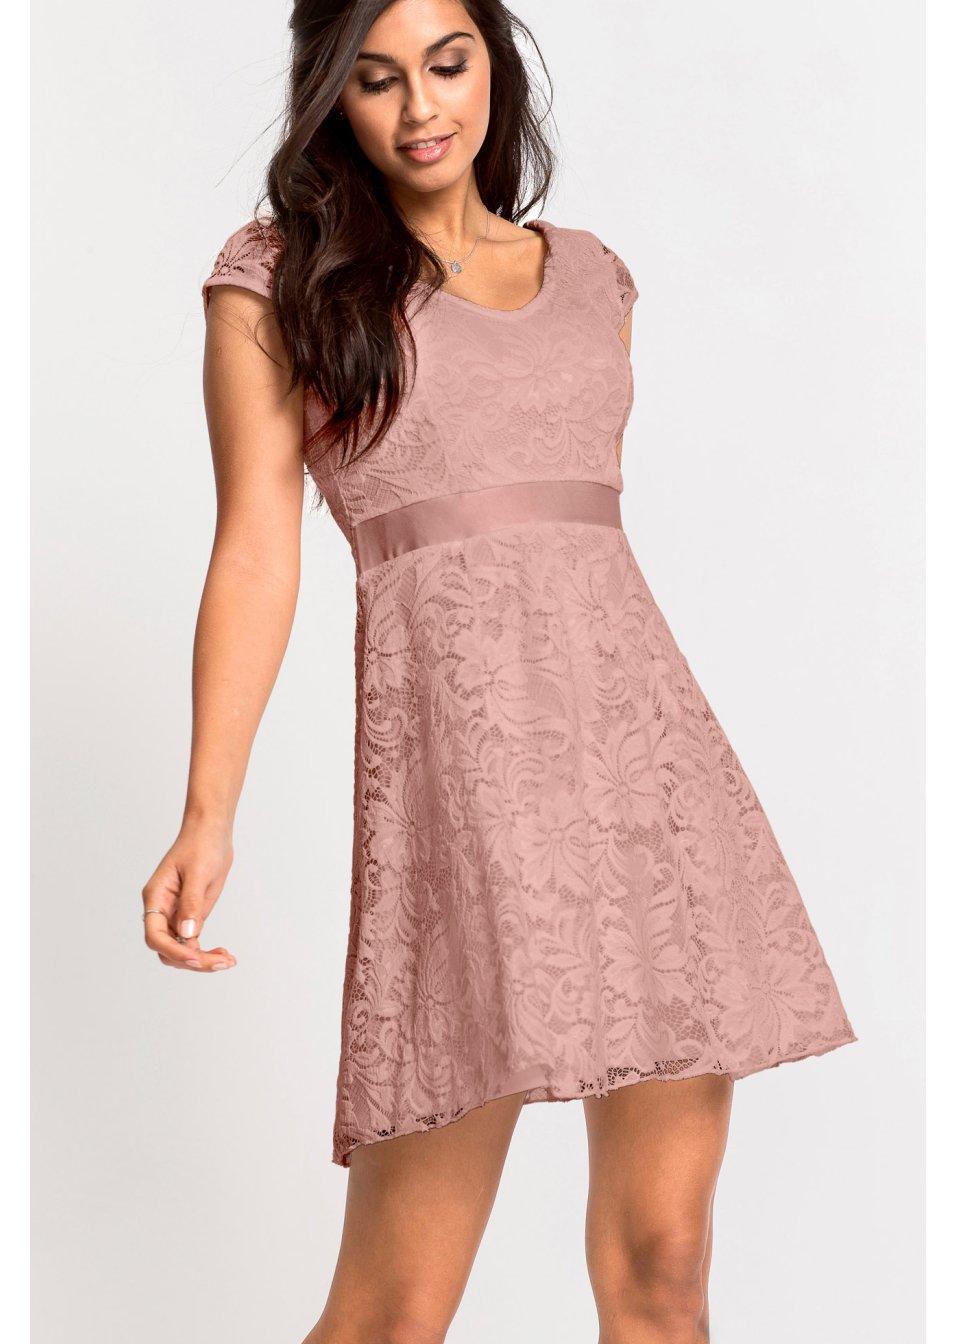 43d03c062dc8 Žerzejové šaty s krajkou růžová vintage - BODYFLIRT koupit online -  bonprix.cz